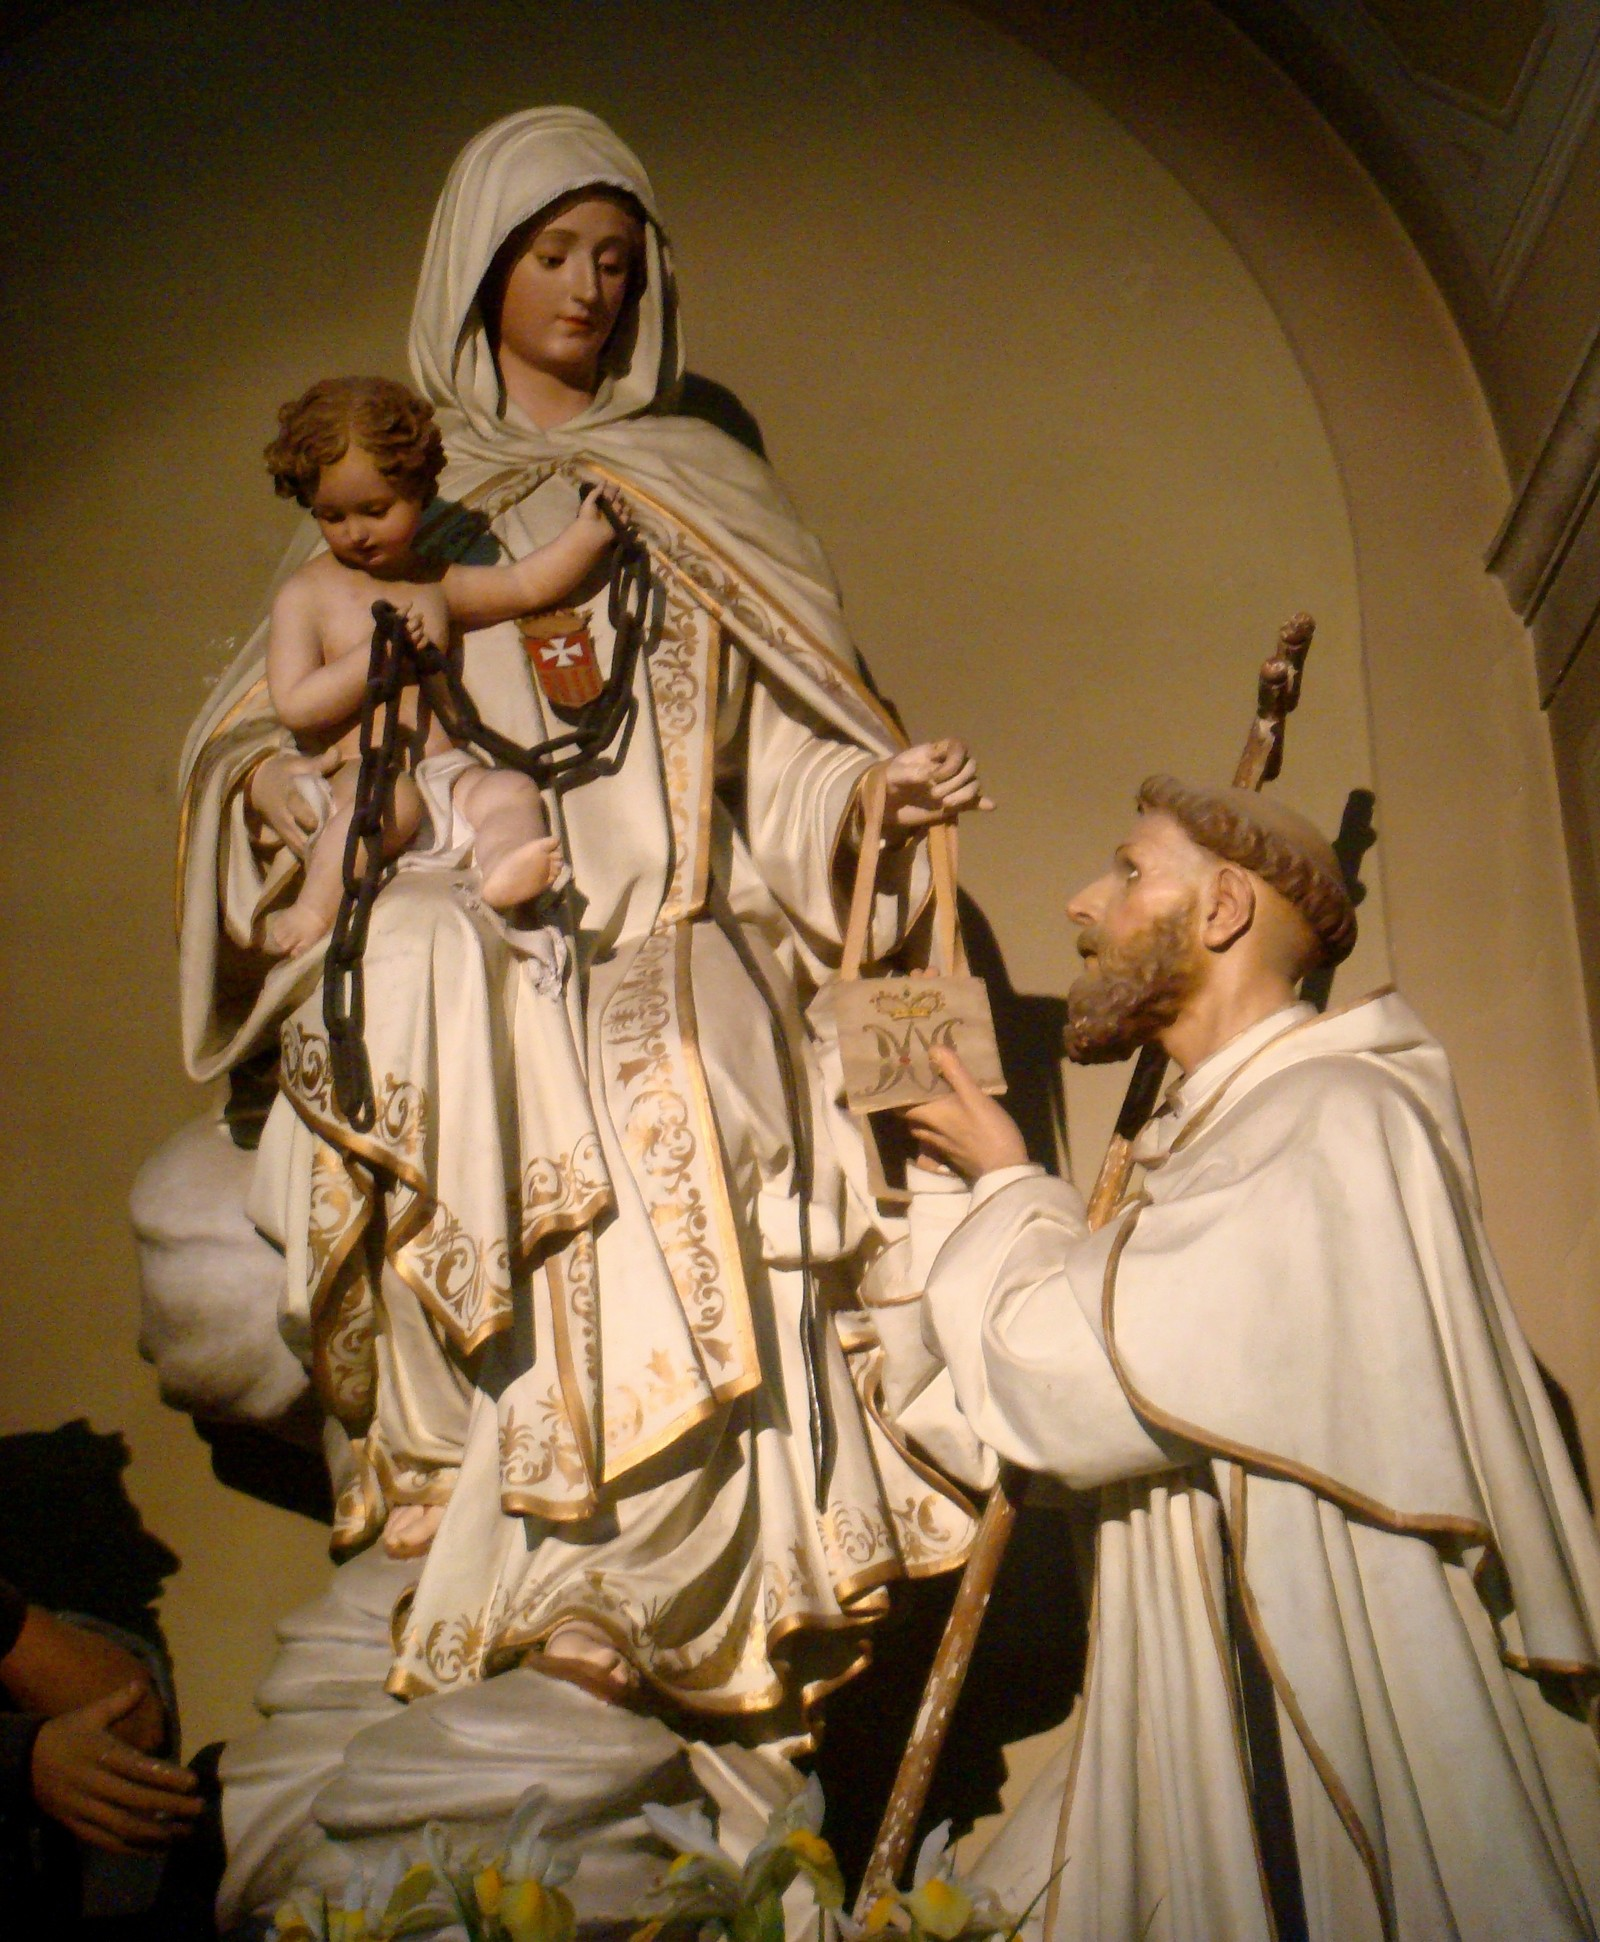 Nuestra Señora de la Merced, Apareció para Pedir por los Cautivos, España (24 sep)